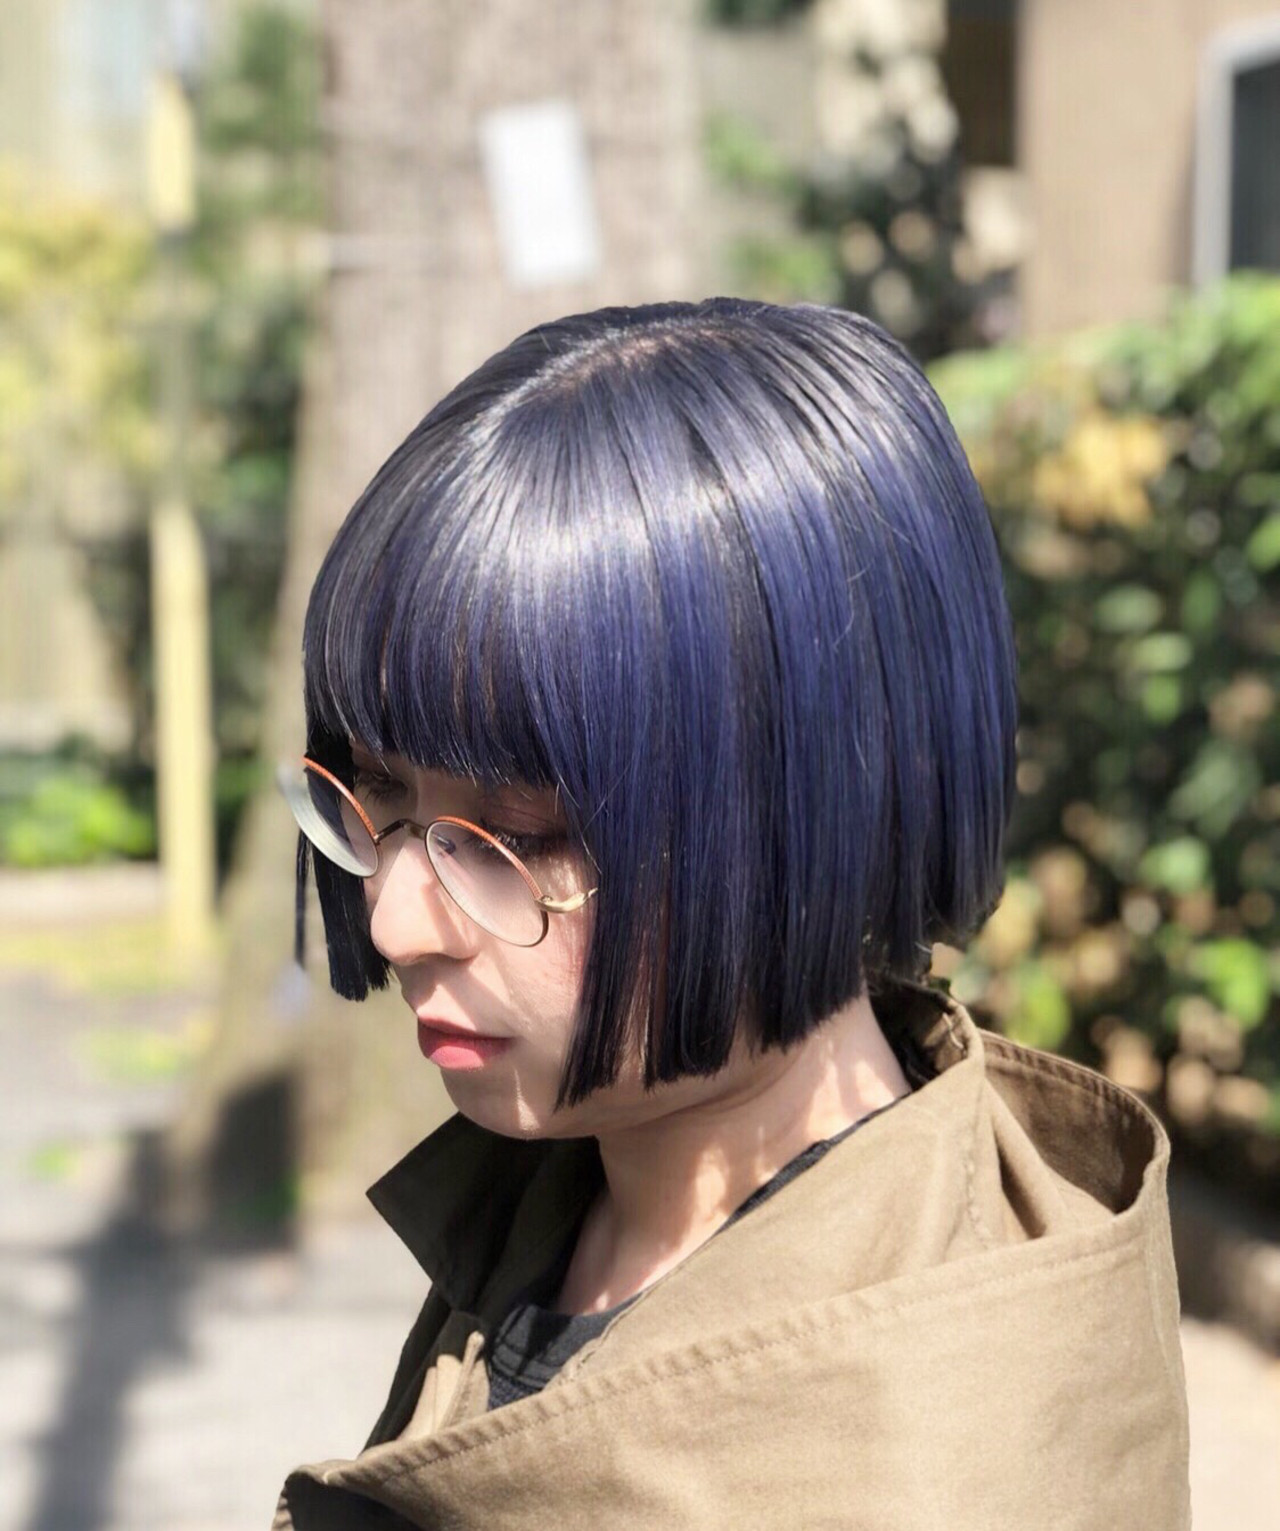 ボブ ナチュラル ユニコーンカラー インナーカラー ヘアスタイルや髪型の写真・画像